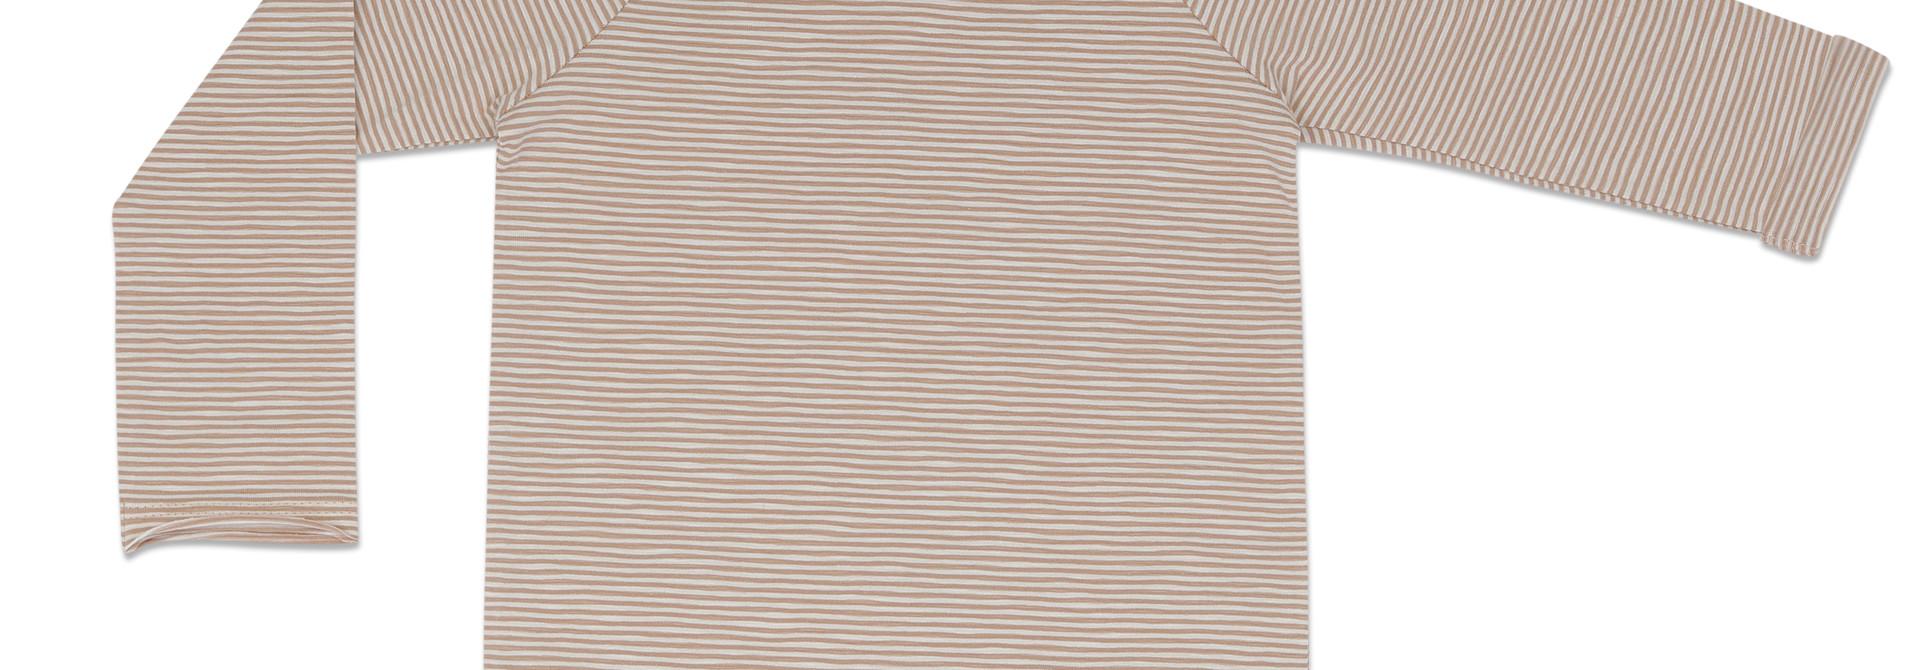 Raglan tee stripes l/s - dusty nude stripe